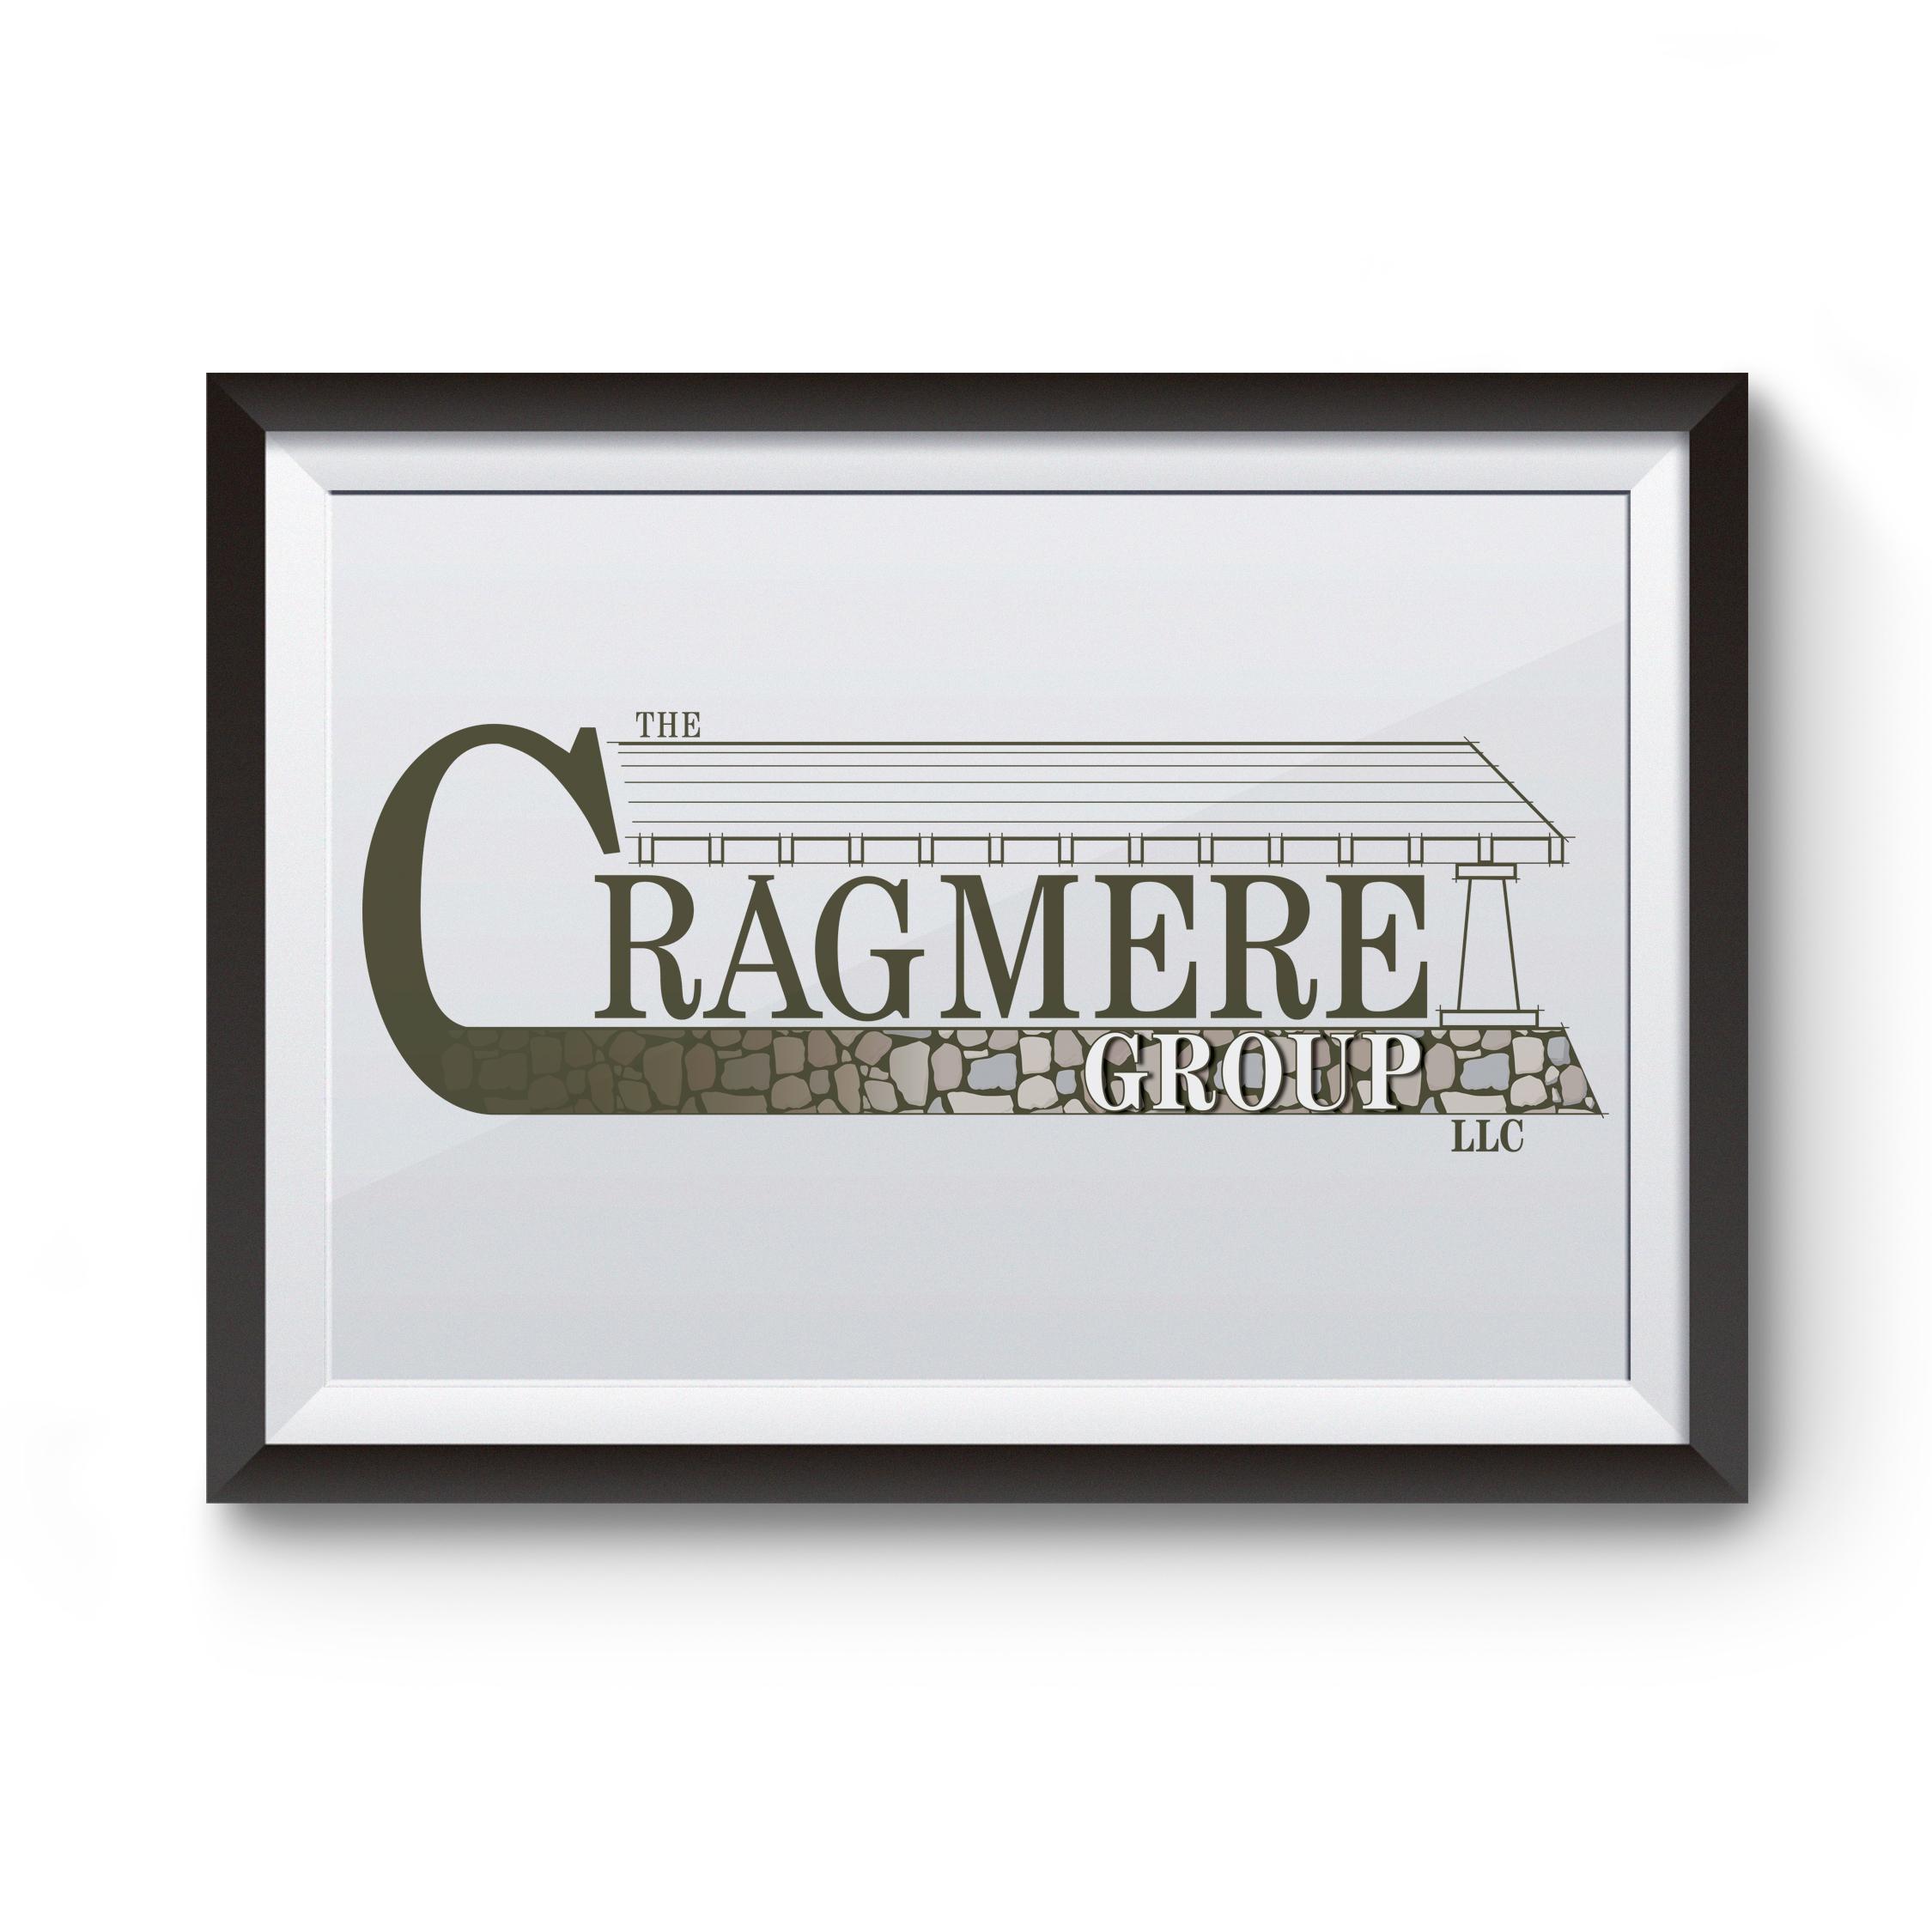 cragmeregroup_logo.jpg